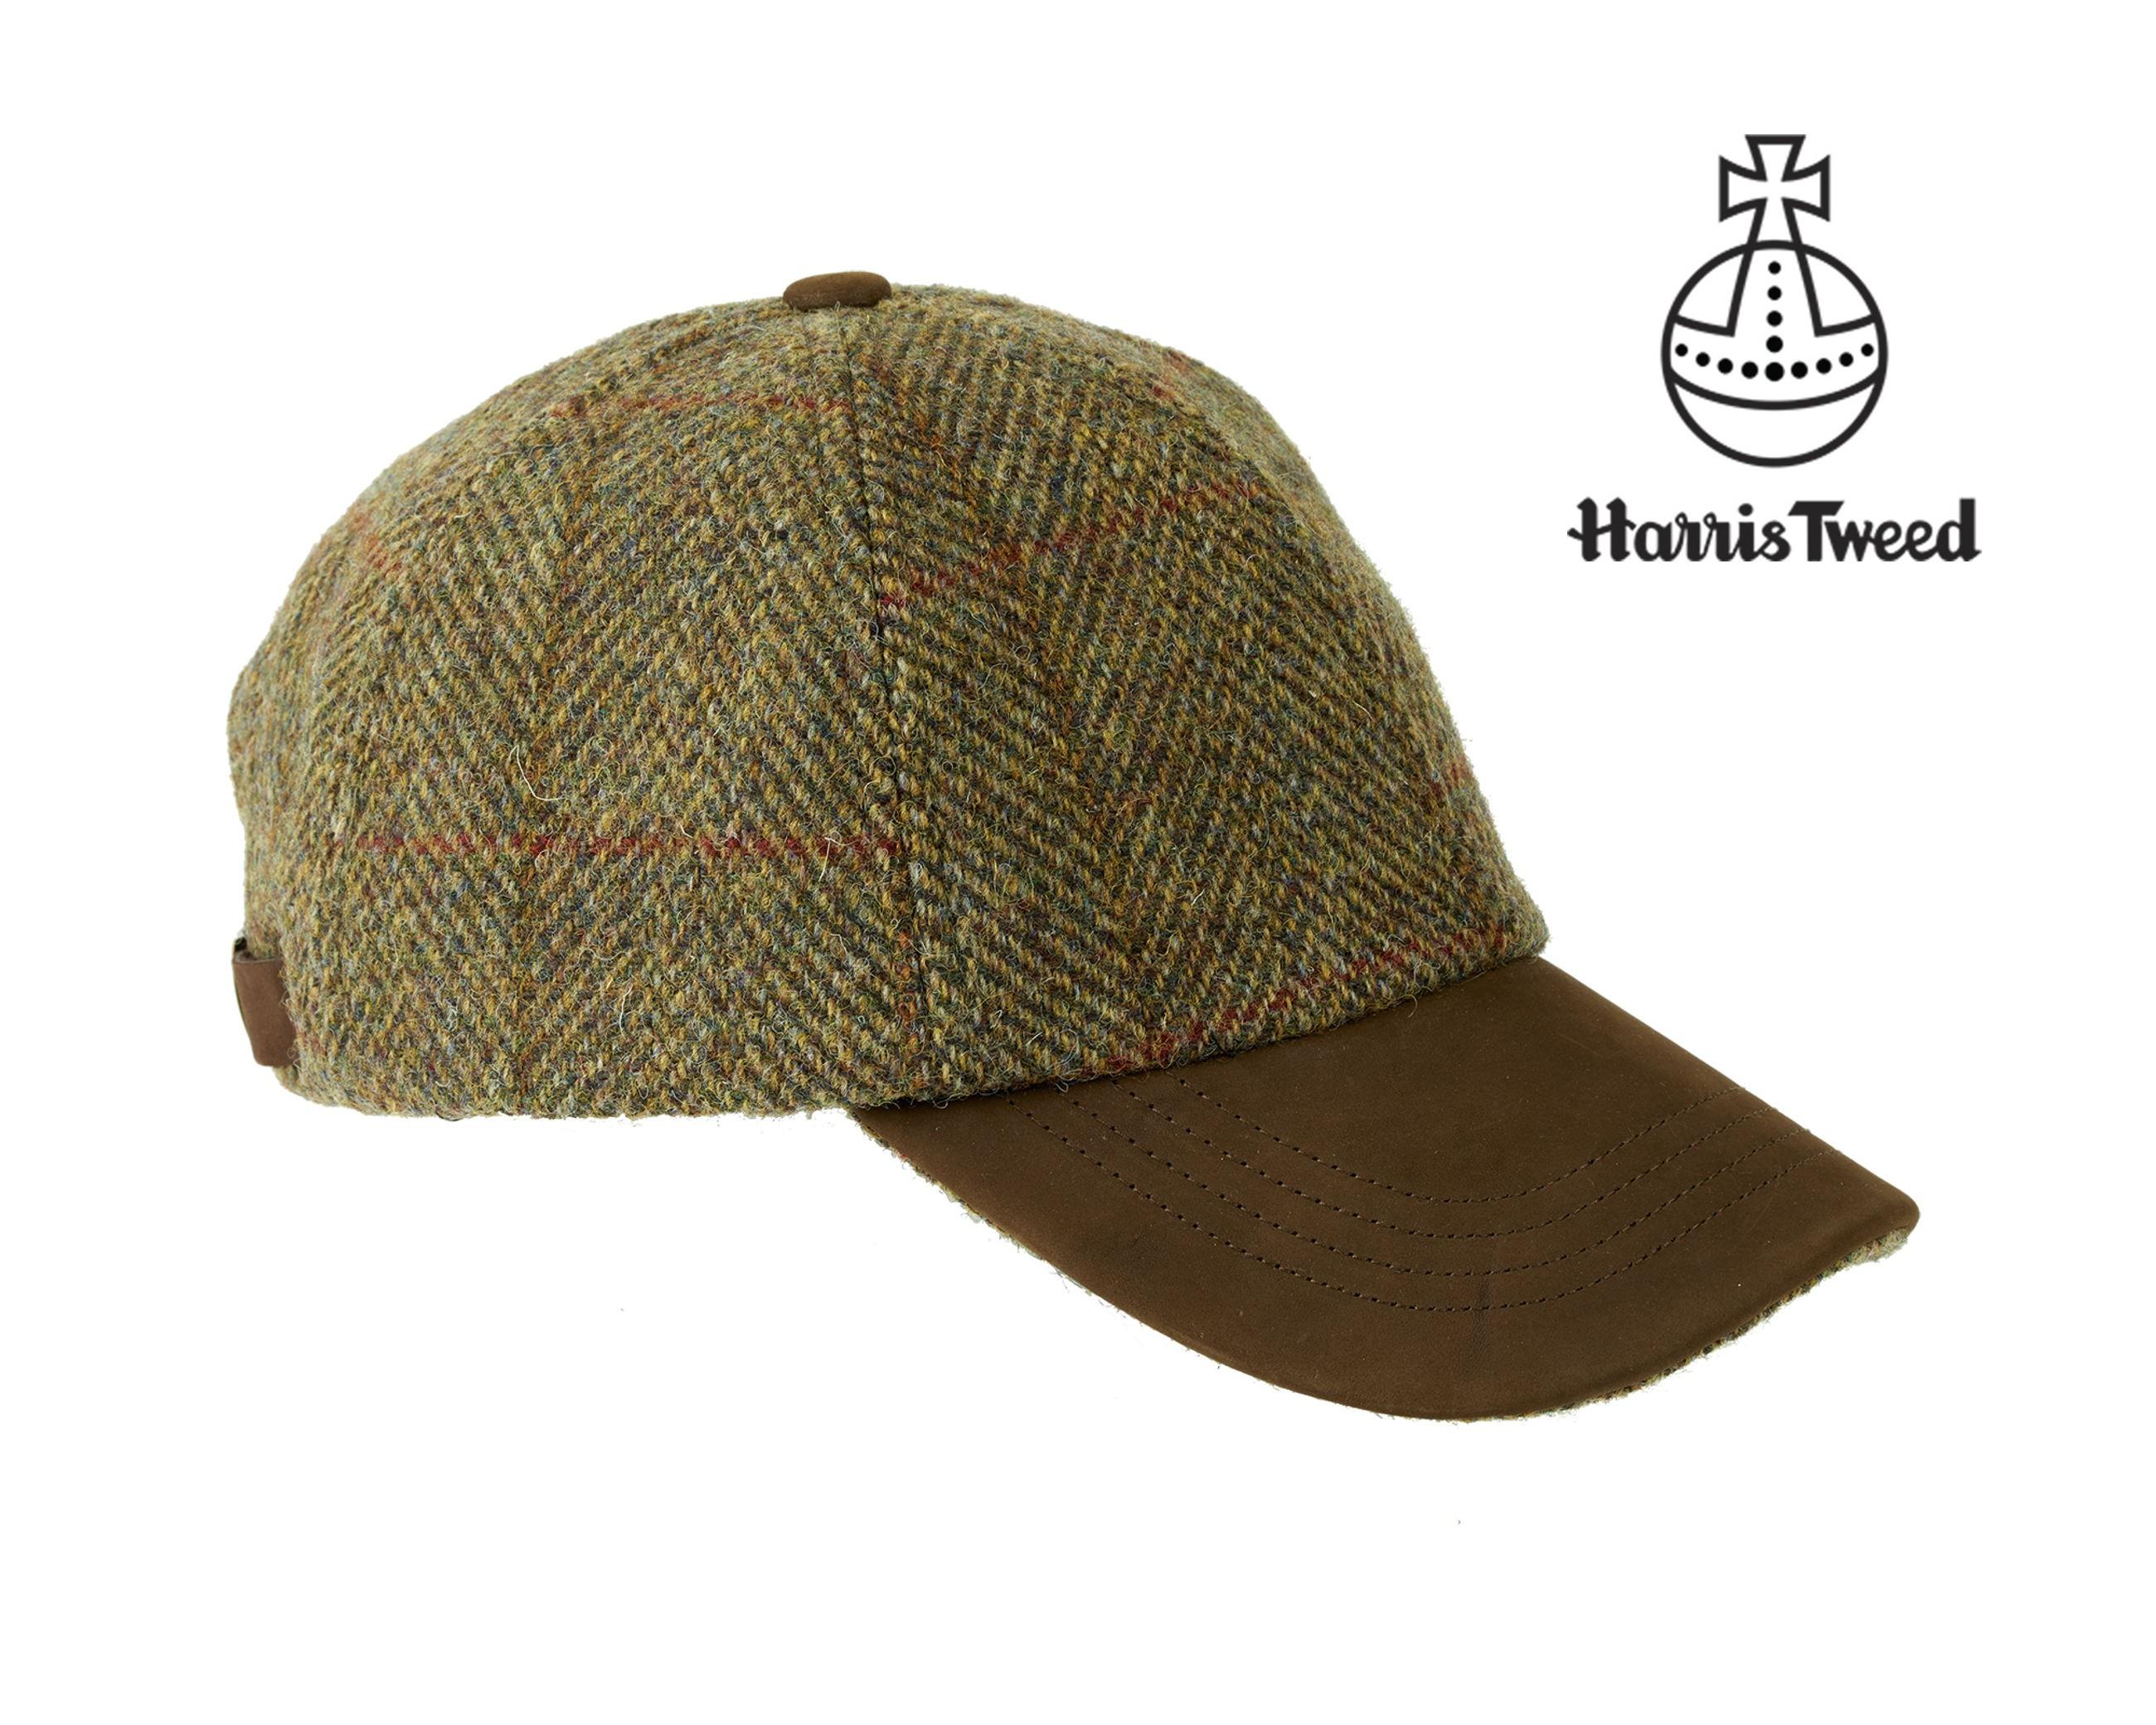 ae67bee0ebe2a6 Glencairn Harris Tweed baseball cap